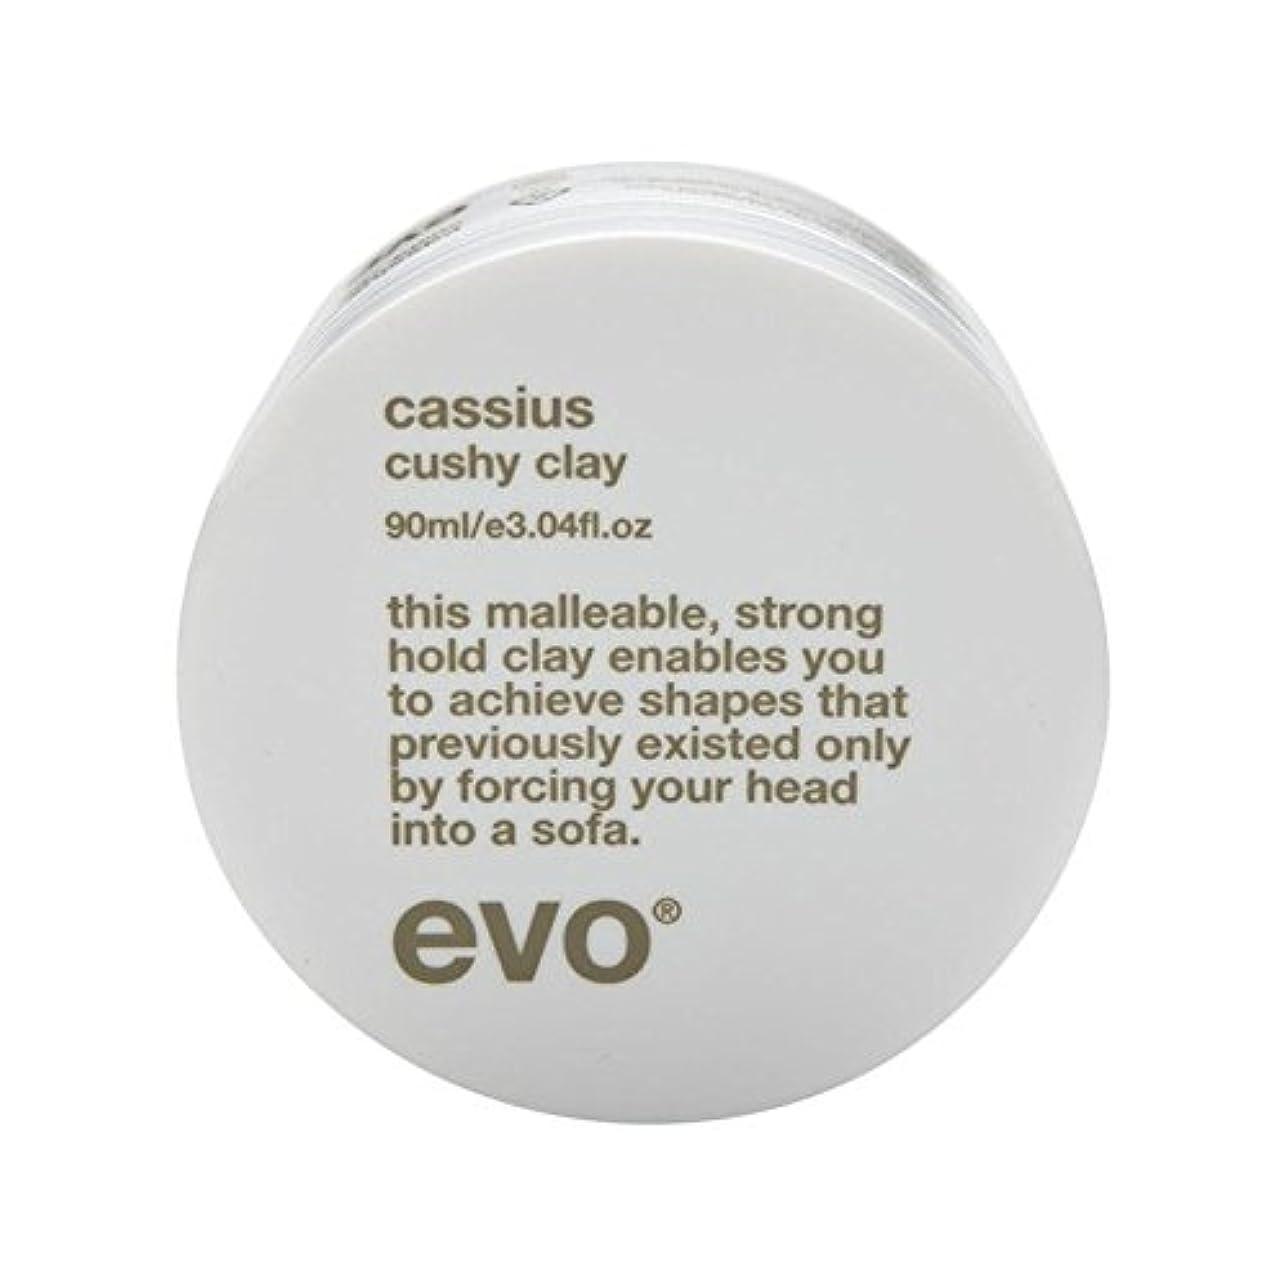 蓋エンジニアリングキャッチエボカシウス楽な粘土90グラム x2 - Evo Cassius Cushy Clay 90G (Pack of 2) [並行輸入品]